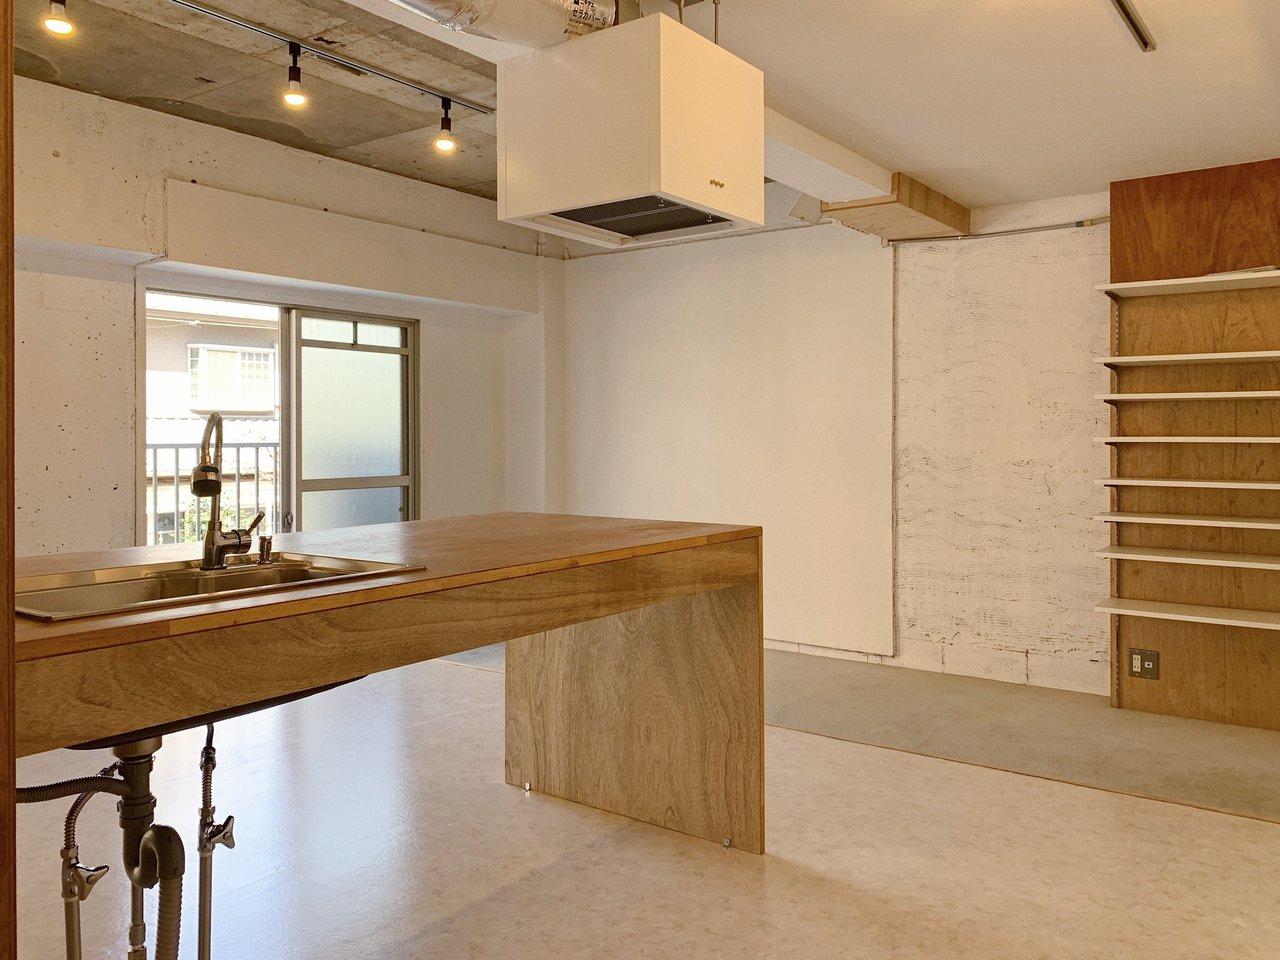 潔いほど余計なものがないので、家具の配置は実はしやすいかも? 使いこなしてみたくなるお部屋です。